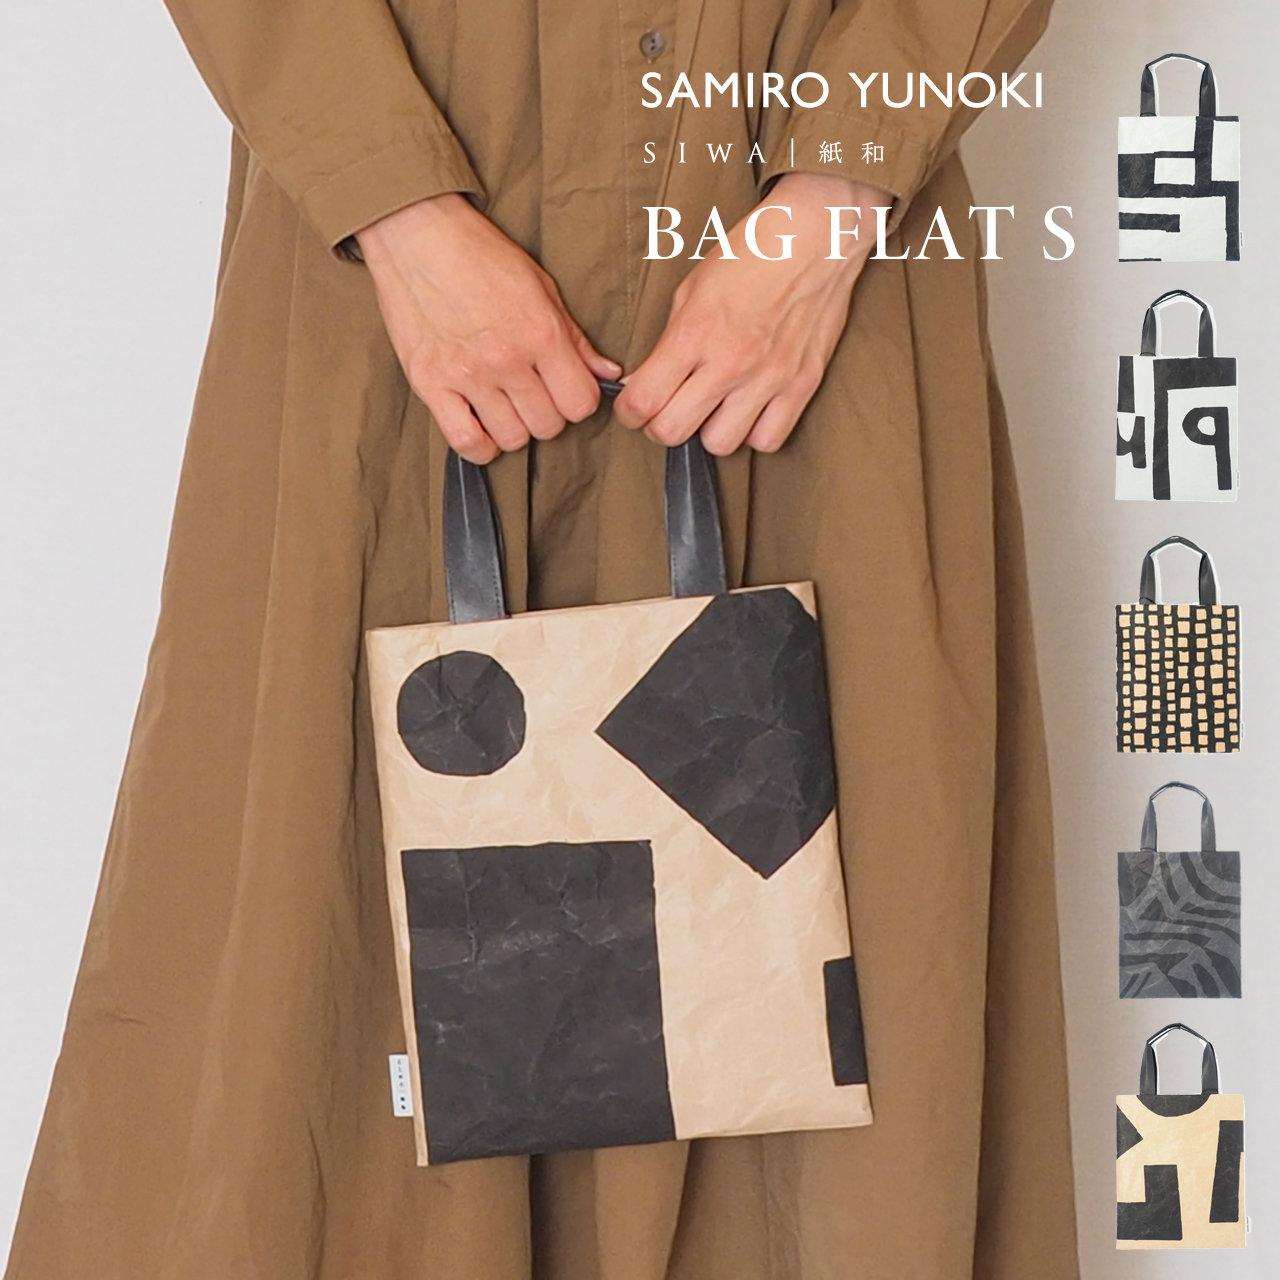 サムネイル:柚木沙弥郎 SAMIRO YUNOKI バッグフラット S